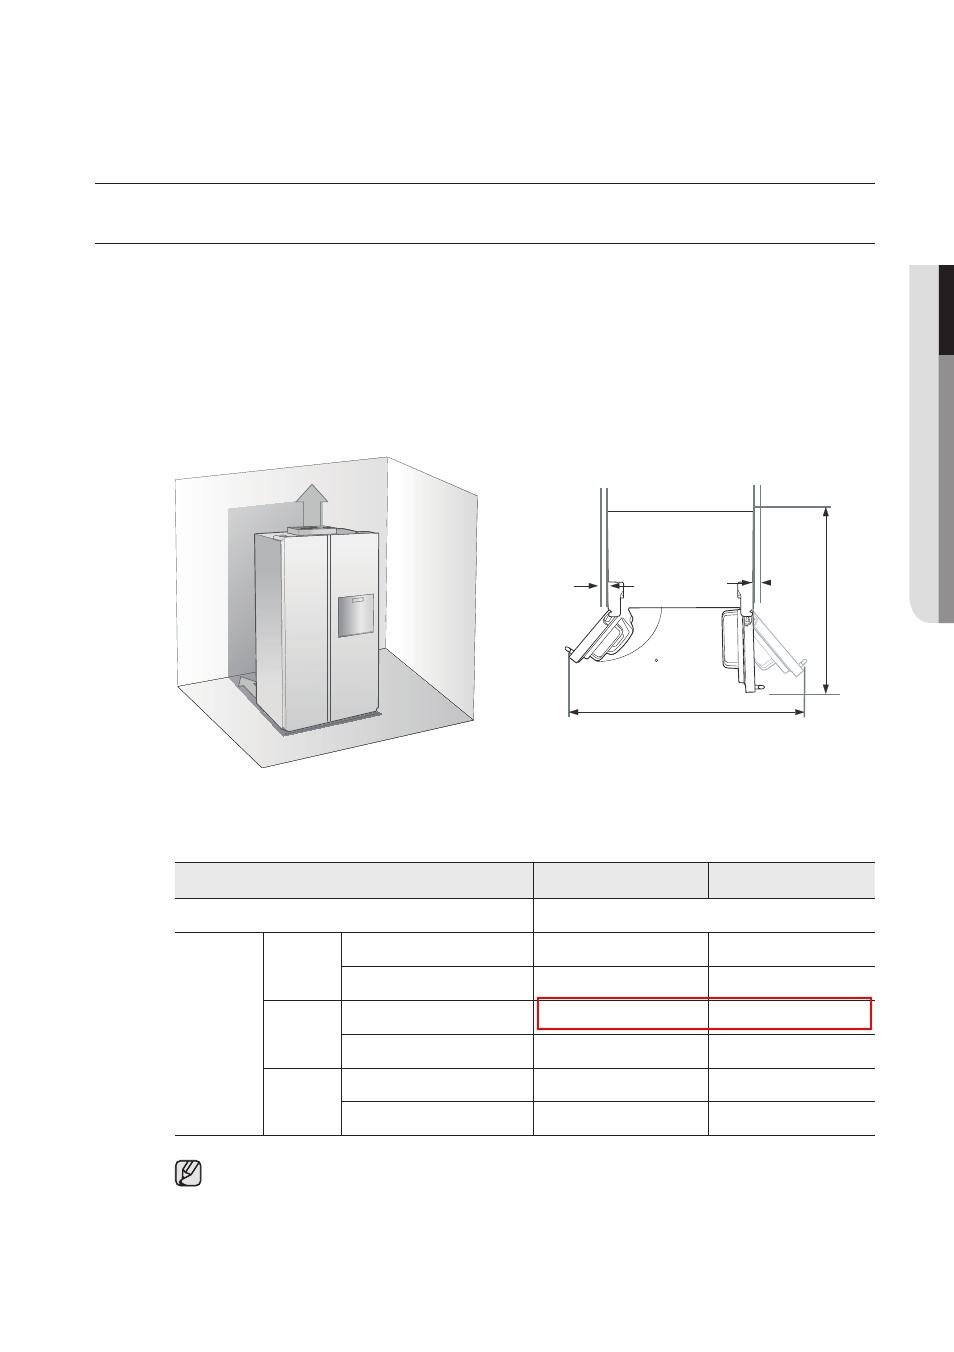 Установка холодильника самсунг